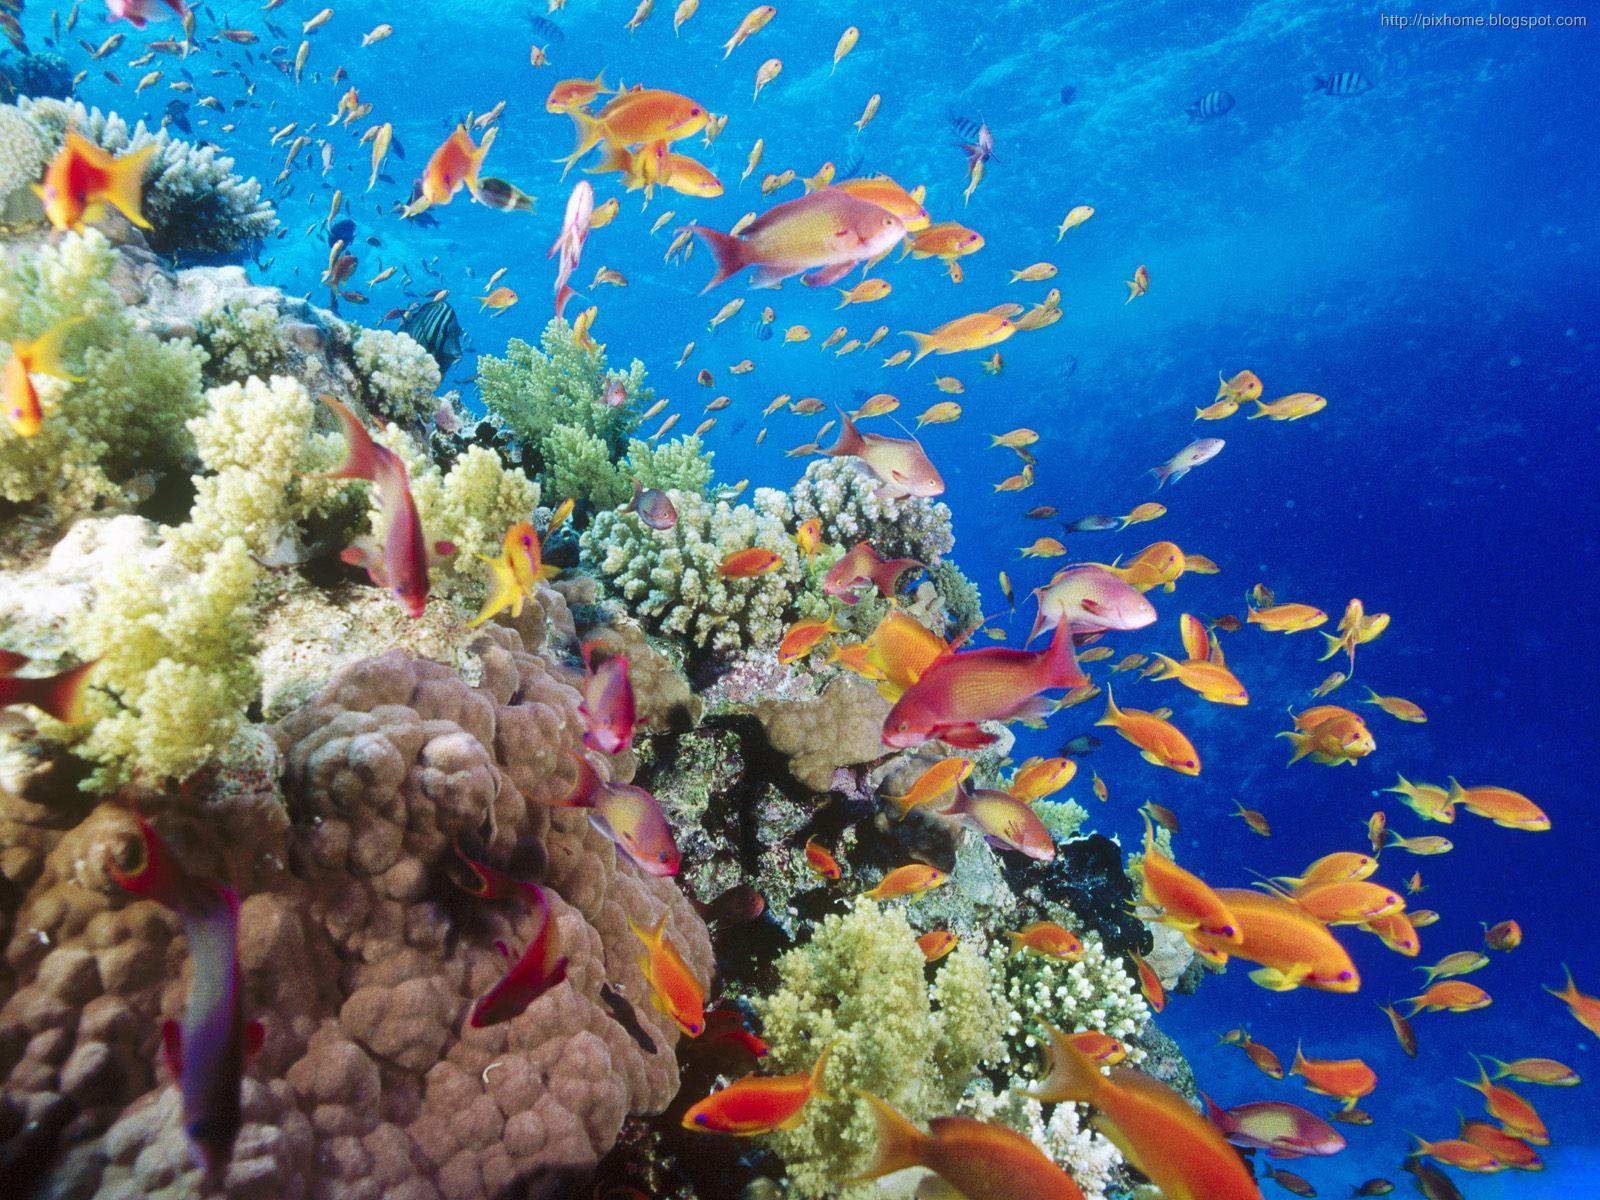 78 Gambar Hewan Laut Beserta Penjelasannya HD Terbaru